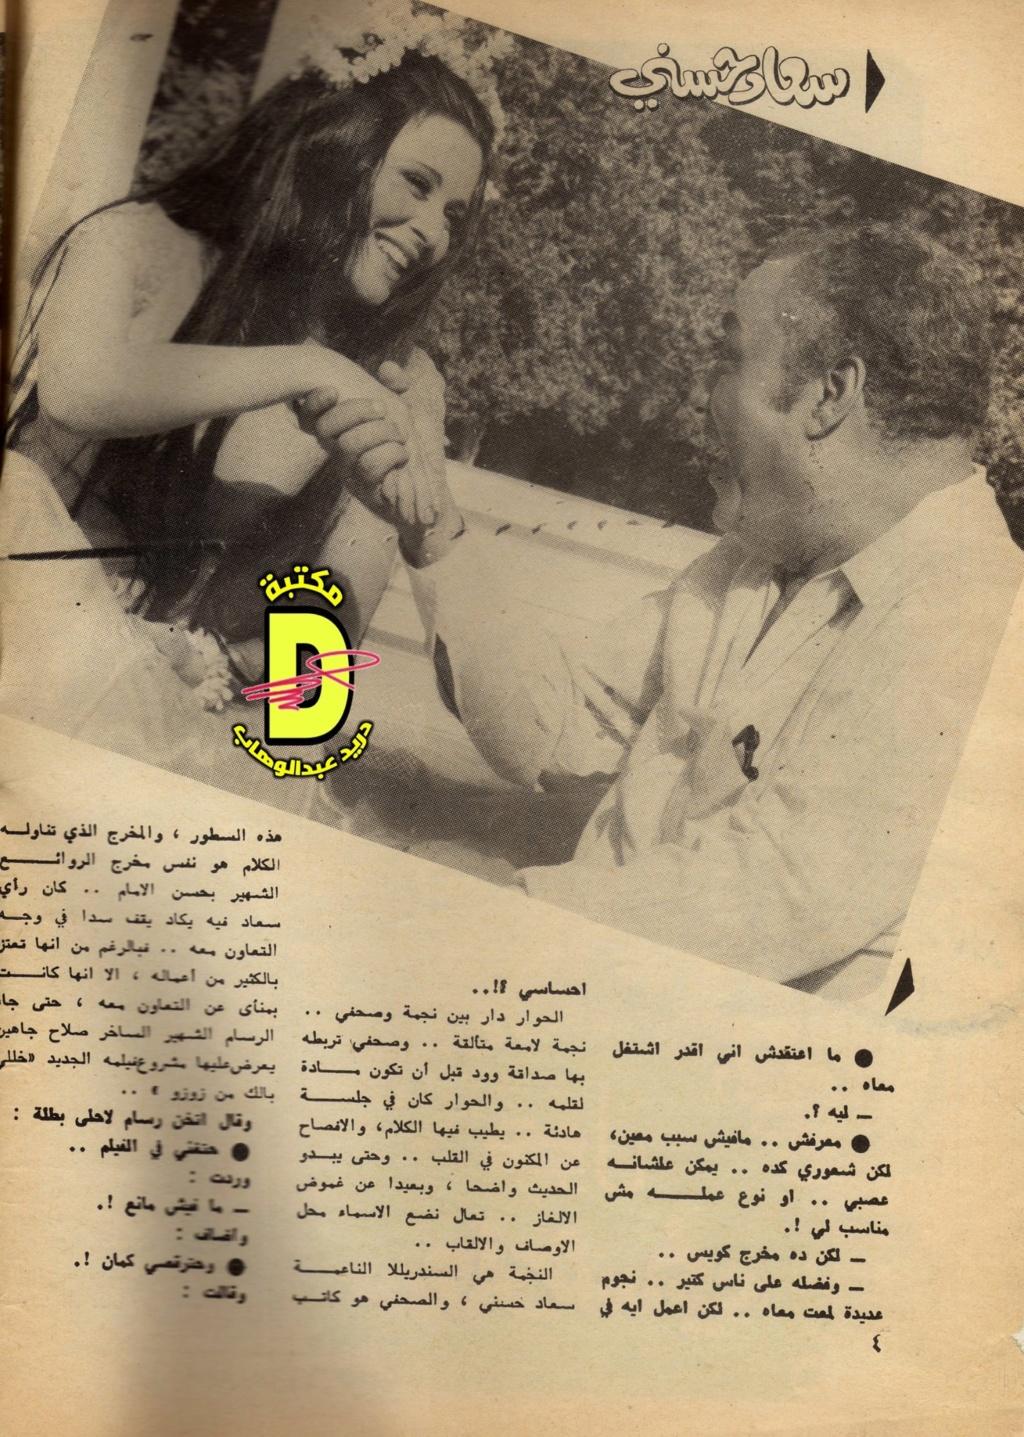 مقال صحفي : معركة كلامية وراء الكواليس .. حول سعاد حسني 1972 م 247